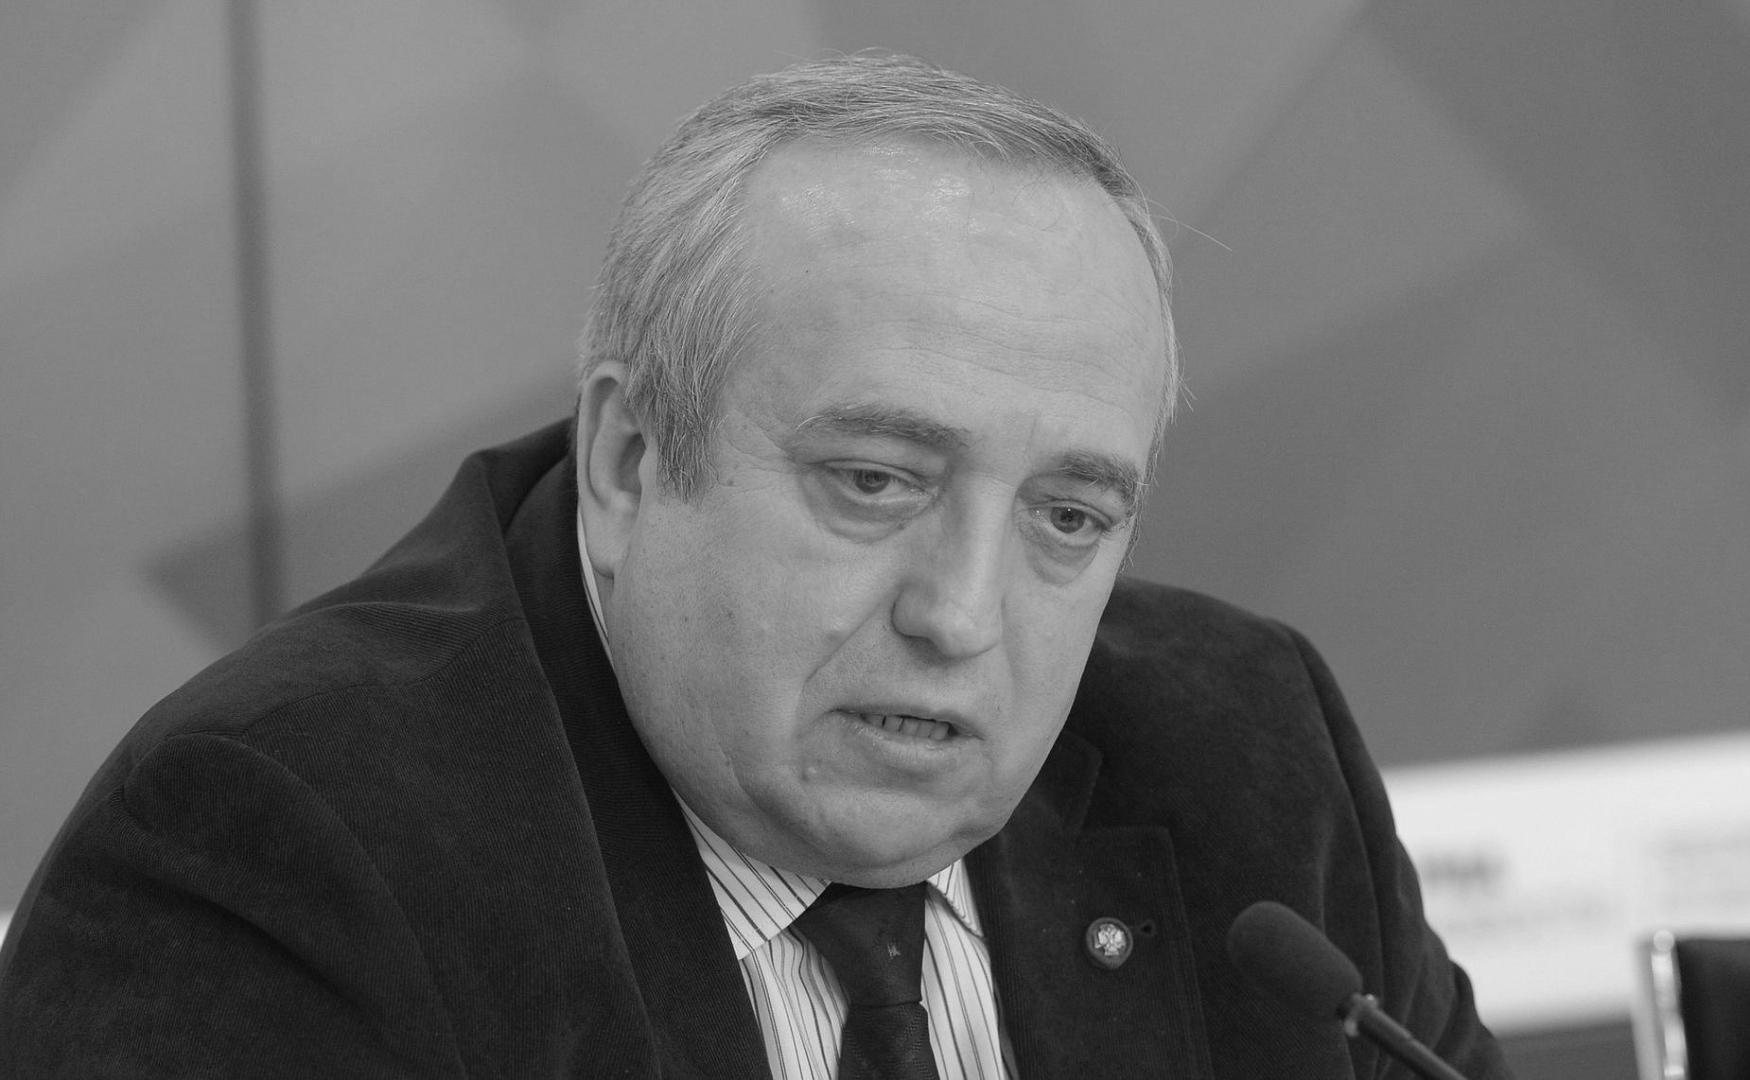 «Зубы будут выбиты»: Клинцевич резко ответил Евросоюзу на критику России